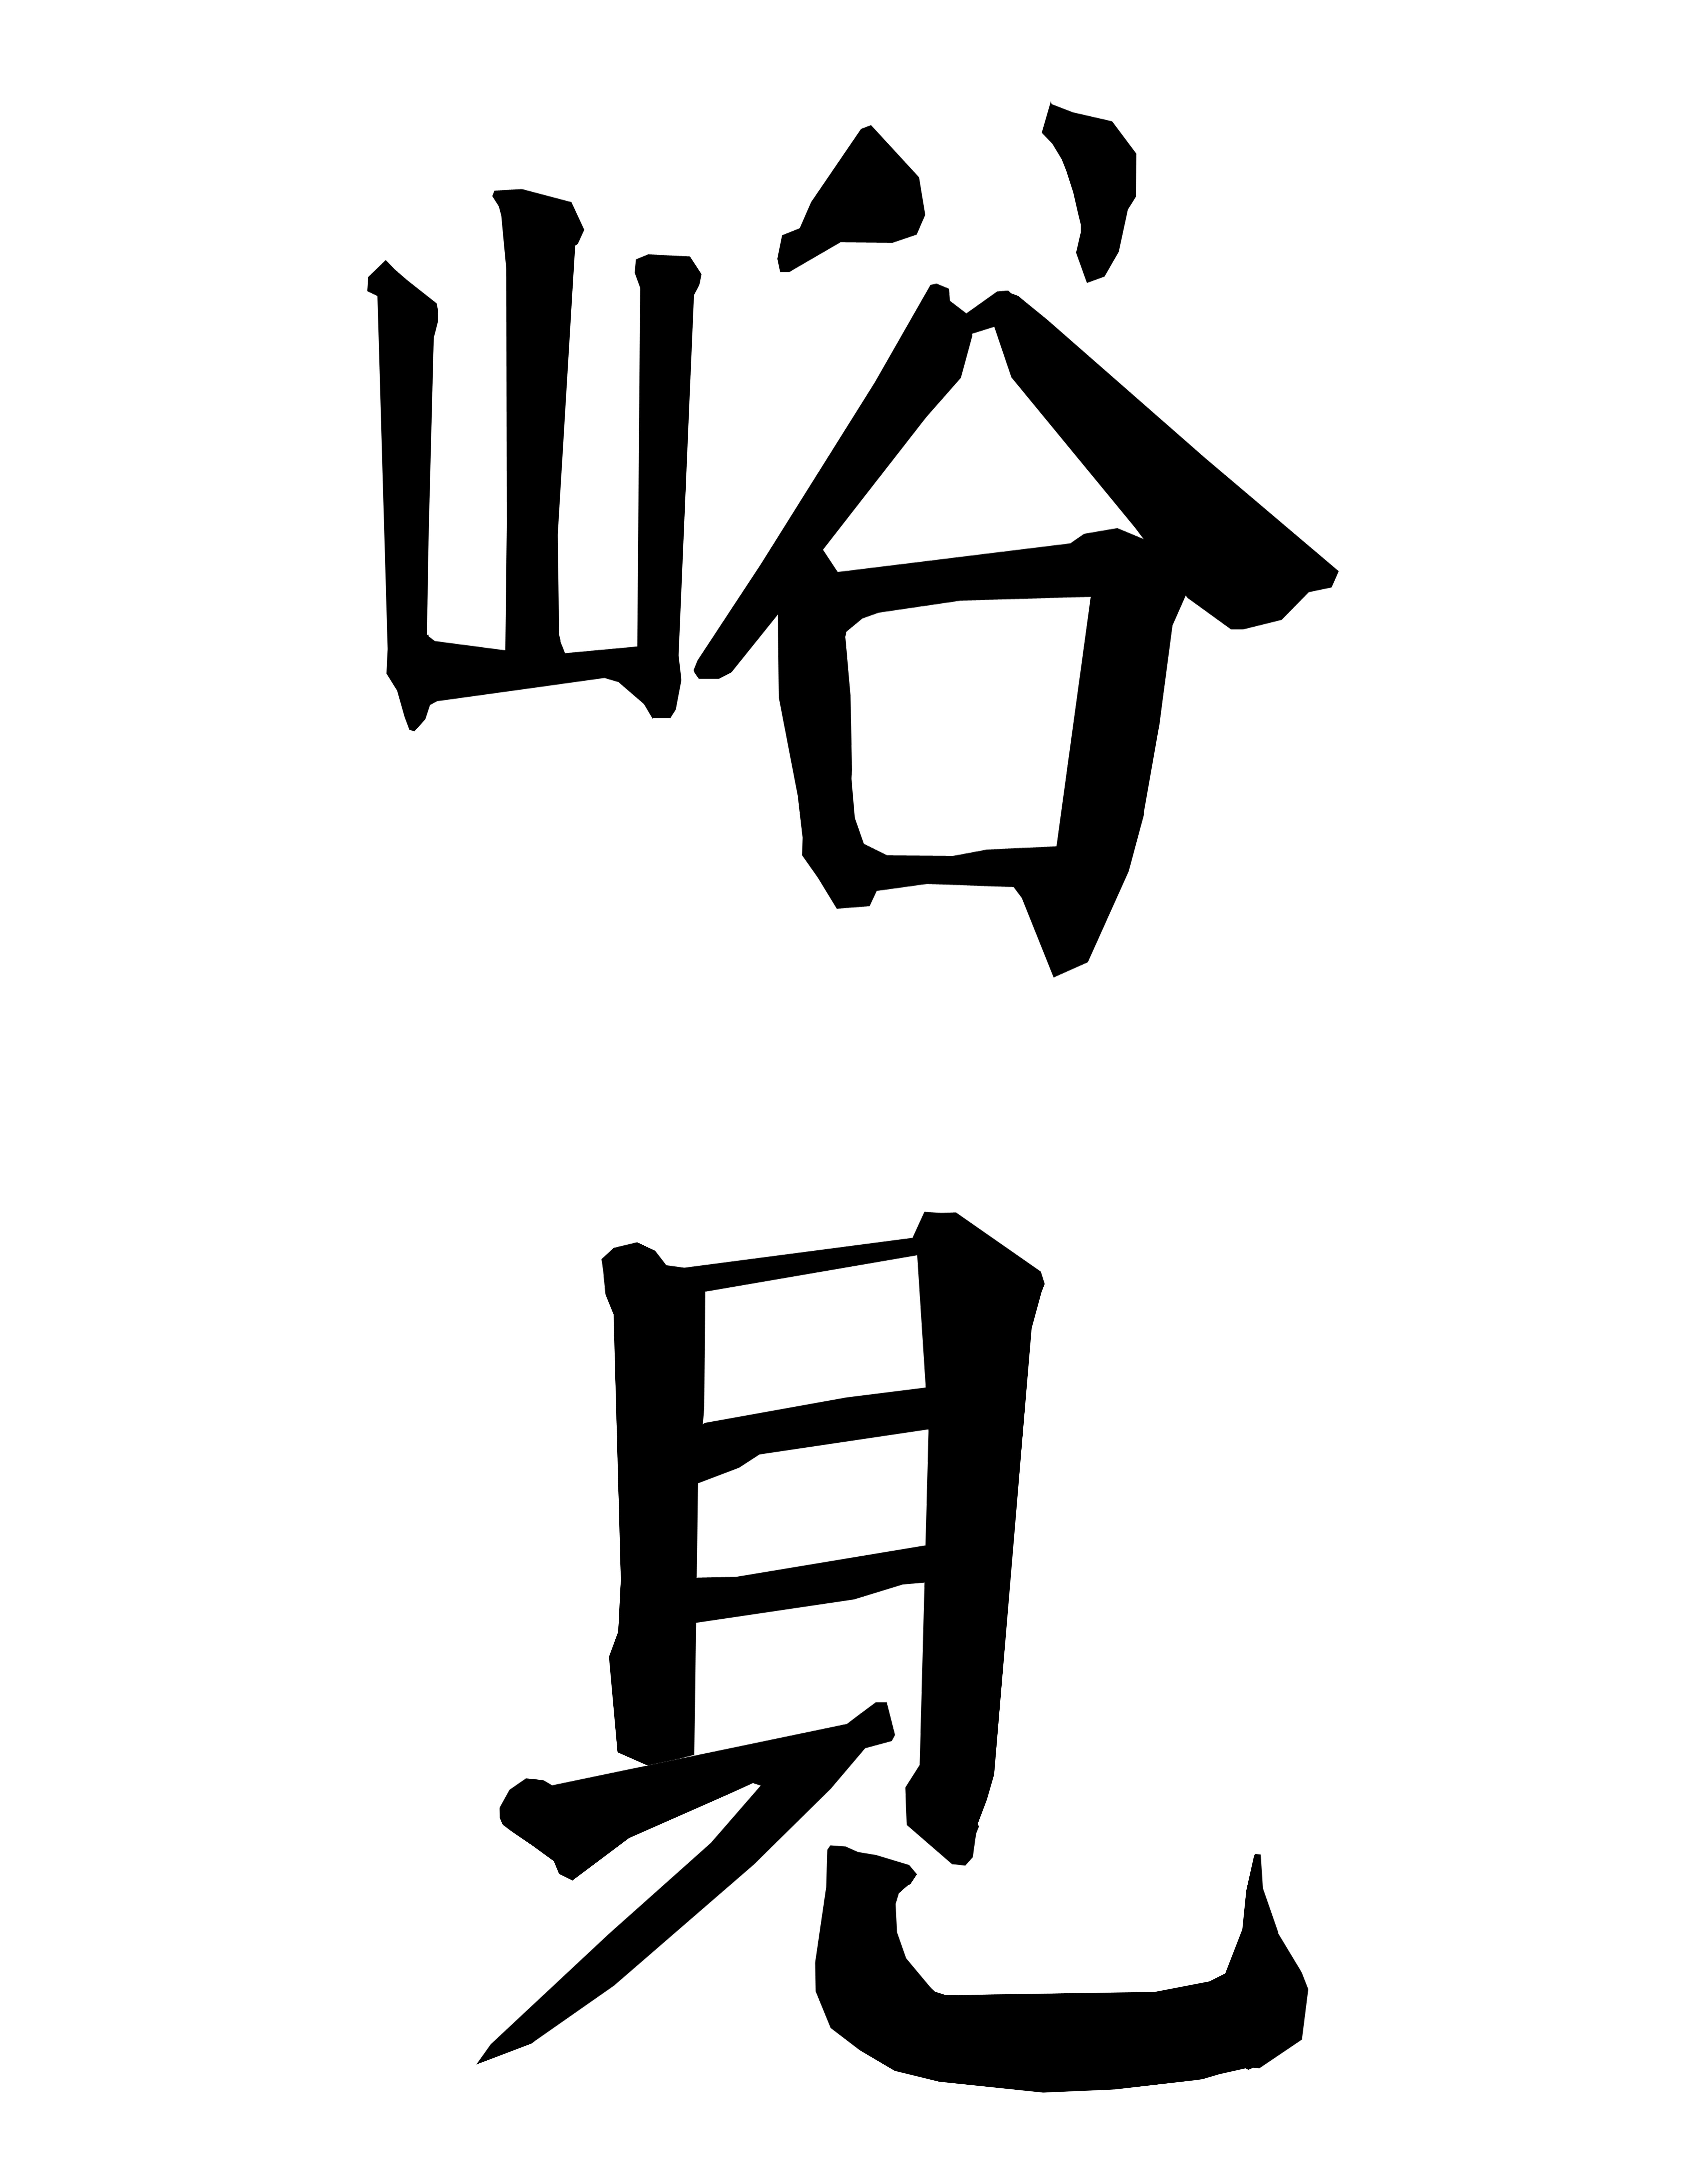 峪见建筑设计事务所(杭州)有限公司